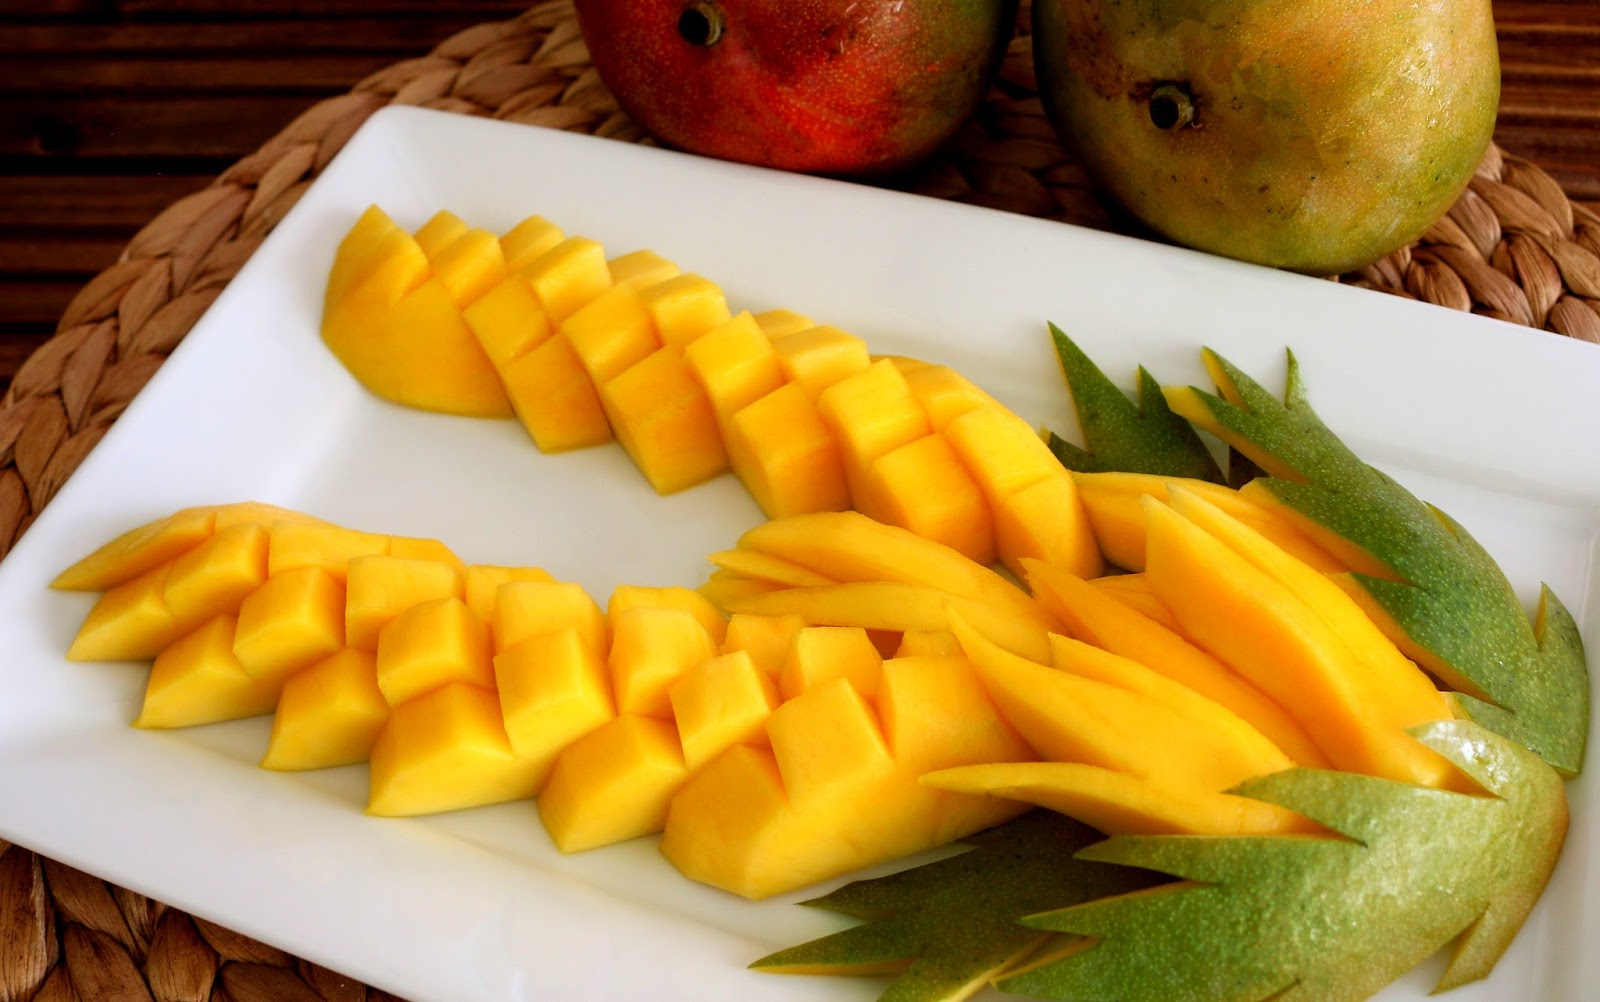 Josephine U0026 39 S Recipes  How To Make Mango Flowers